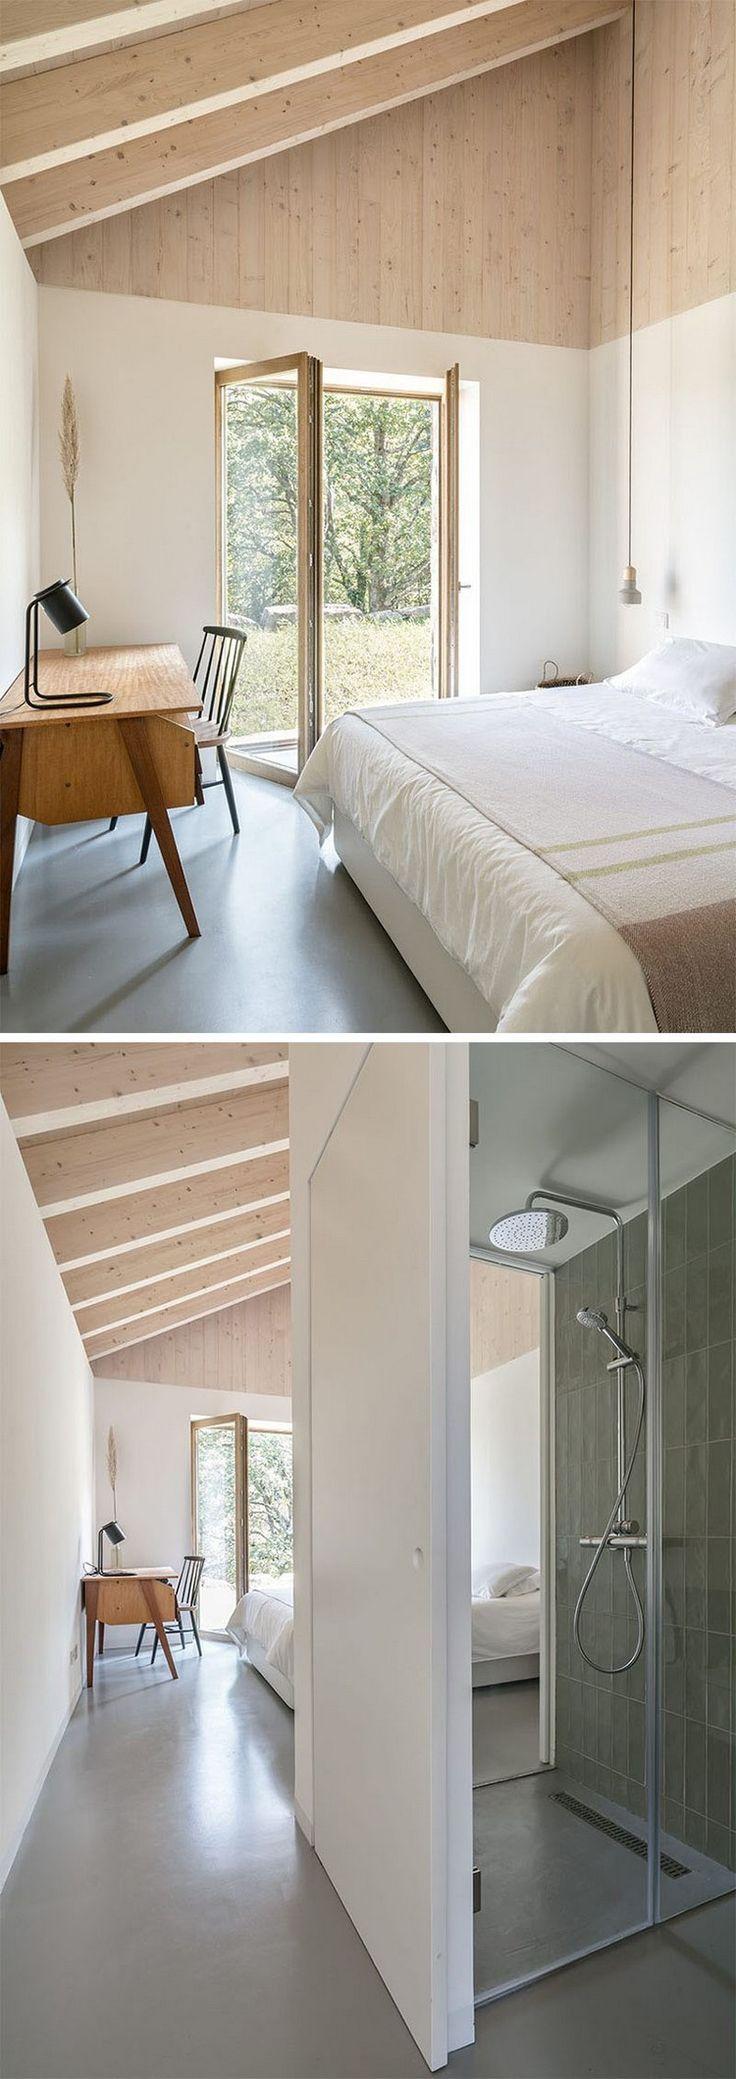 Raue Natursteinfassade in Kontrast zu weißen Wänden und hellem Holz im Innenraum